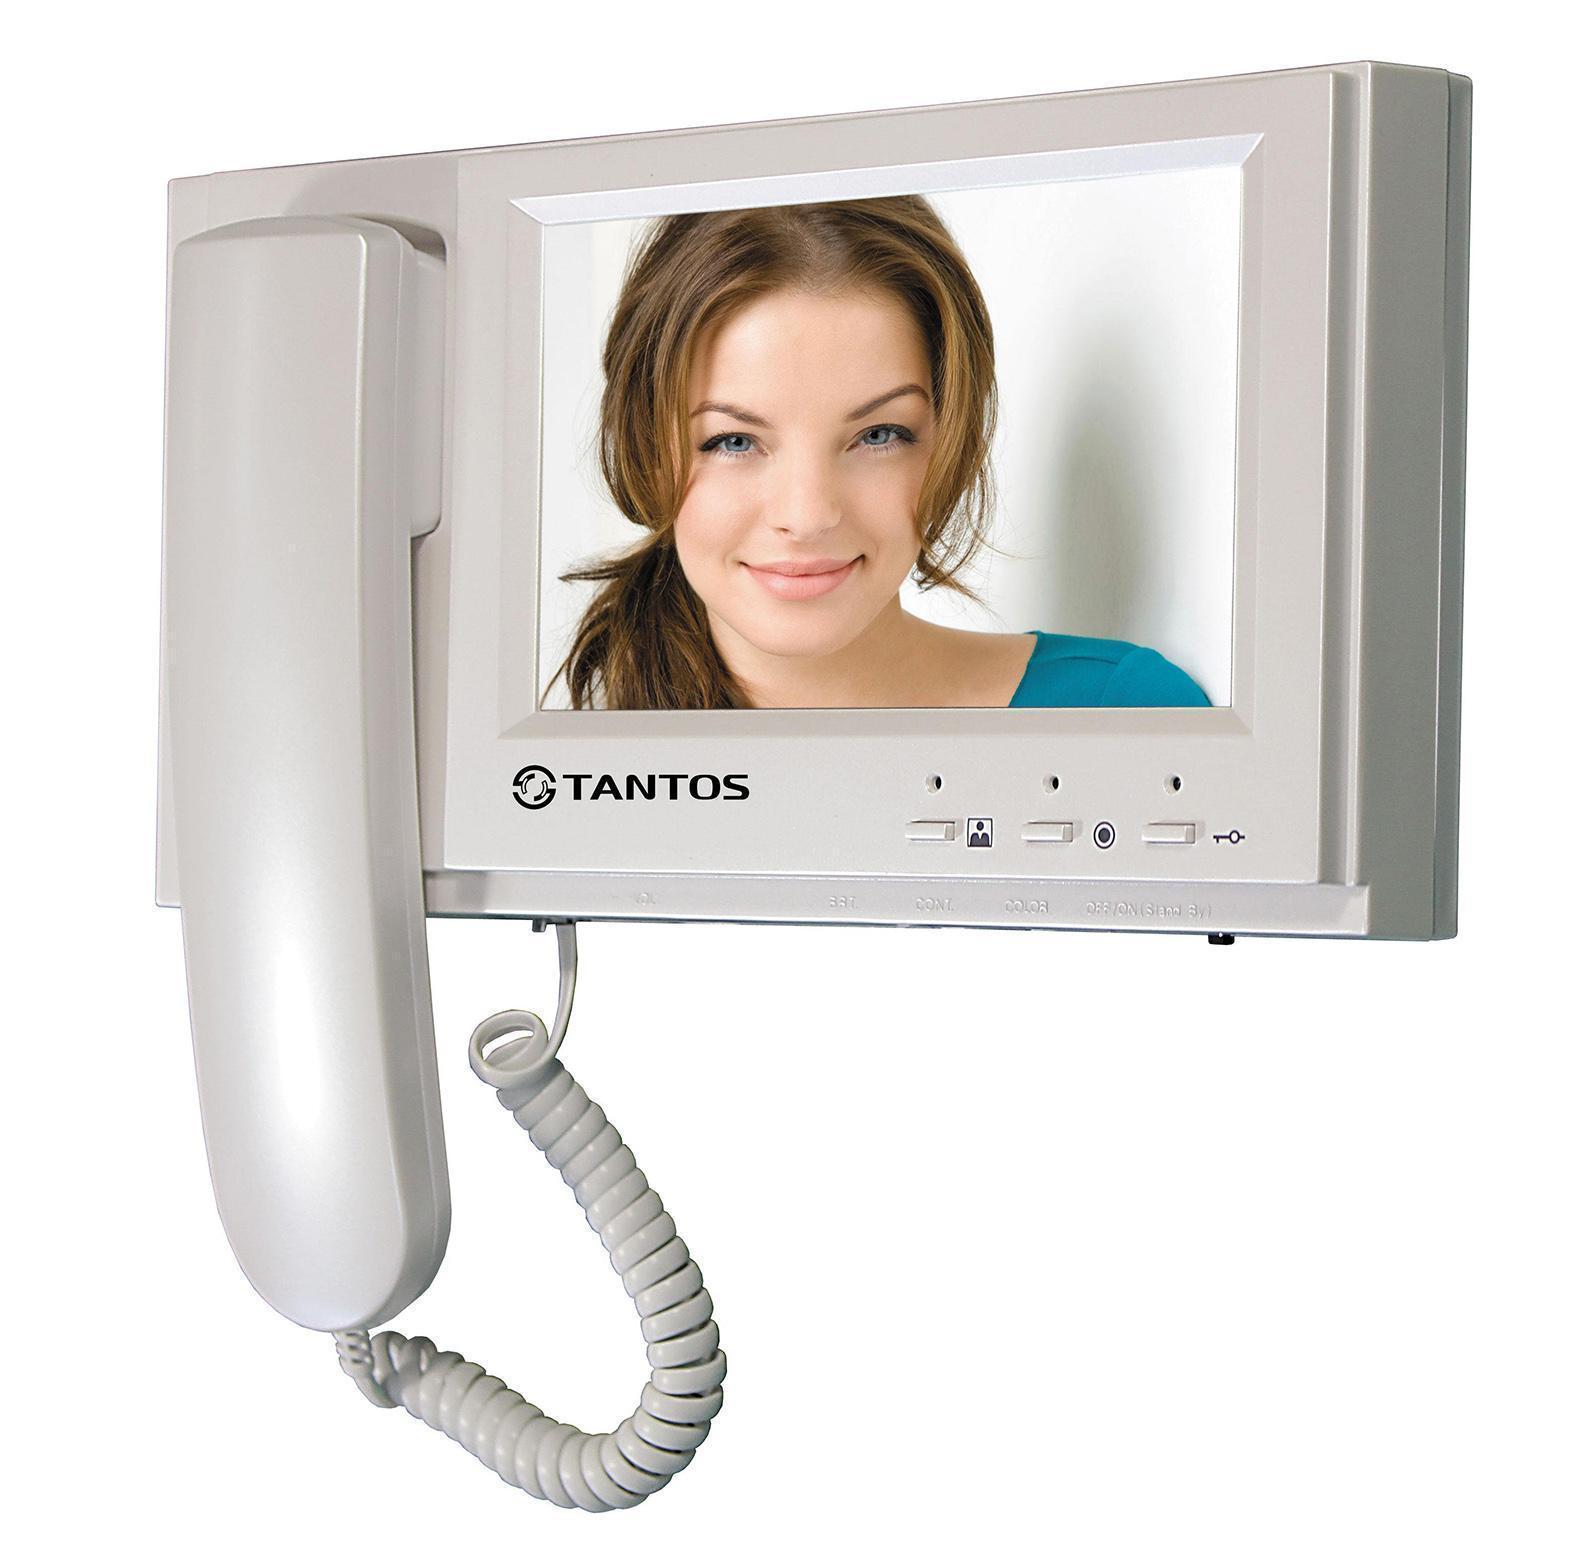 Tantos Loki монитор домофона00-00014745Классический вариант монитора 7 дюймов с трубкой и механическими кнопками. Ничего лишнего, идеальный вариант для офиса, квартиры с пожилыми людьми.